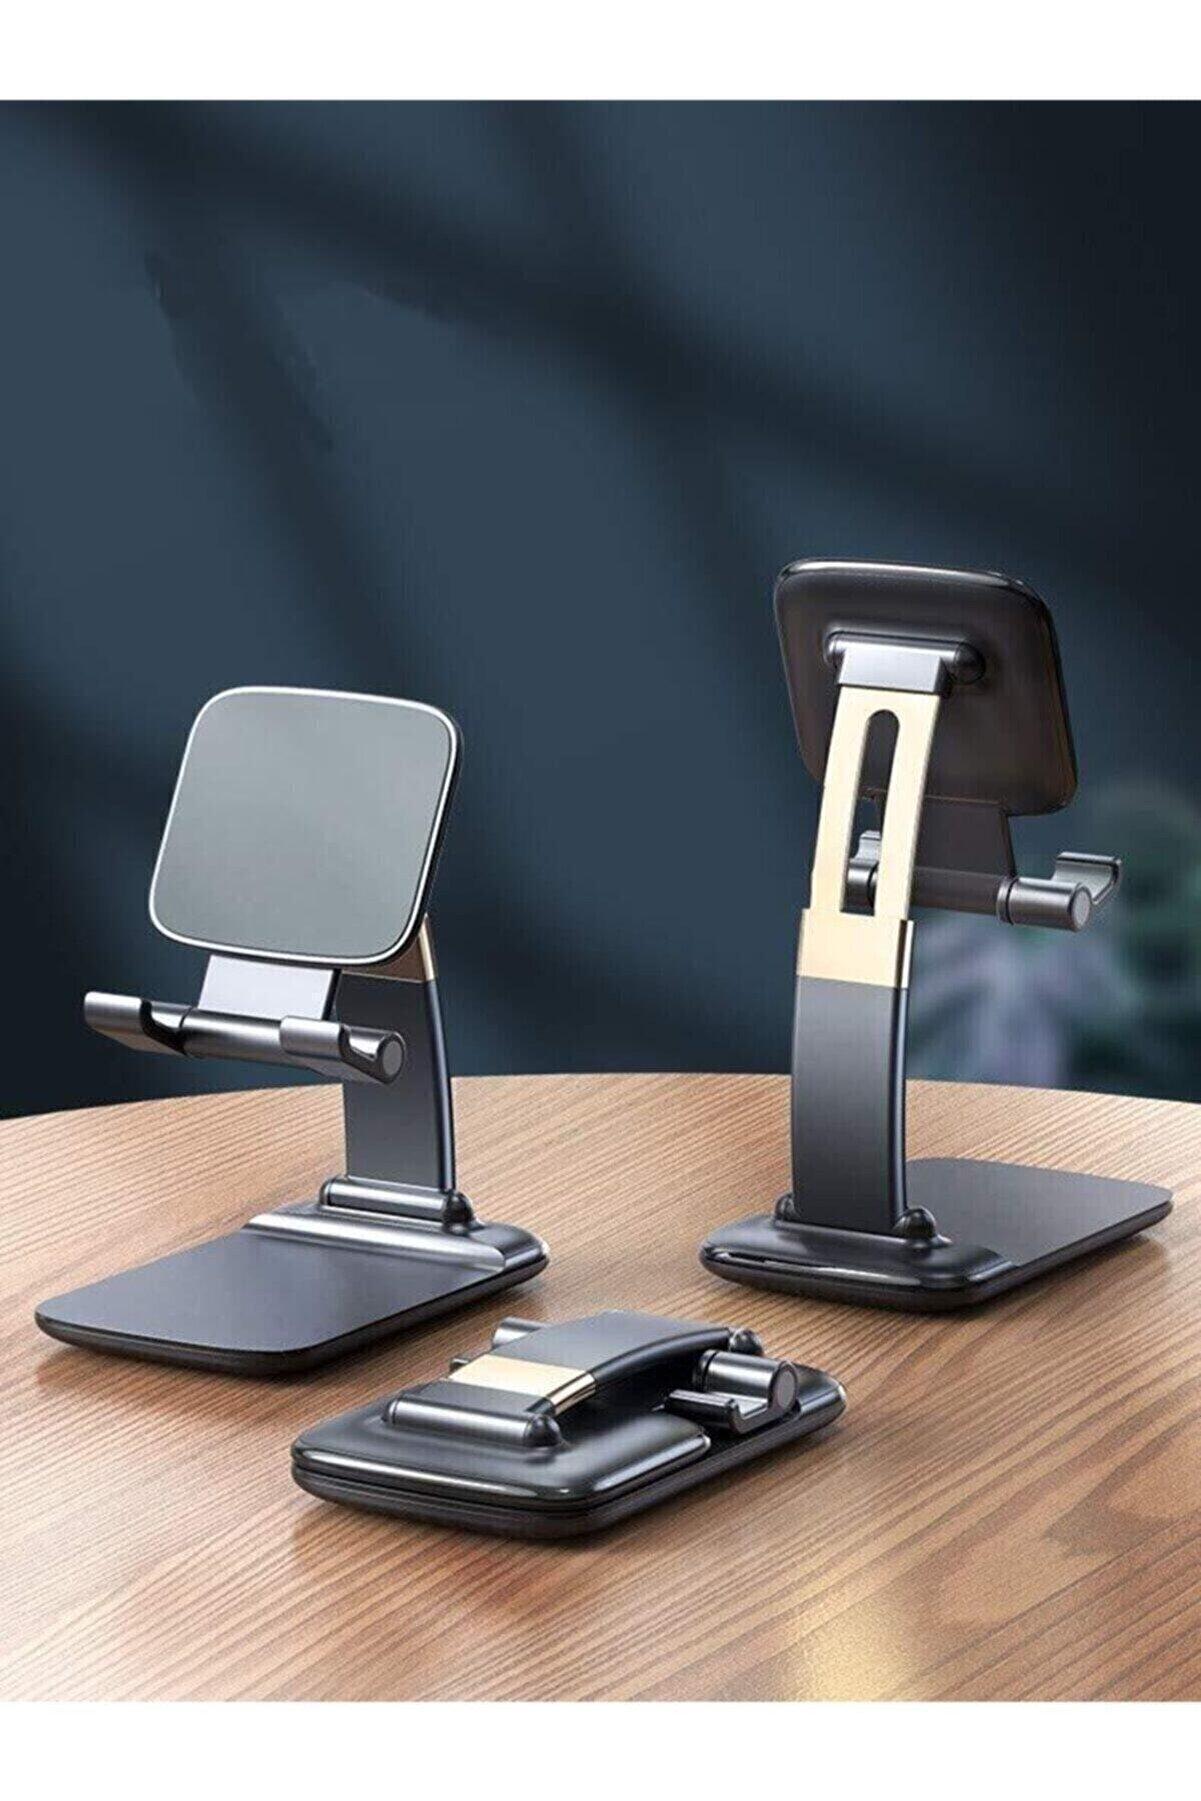 asua Portatif Ayarlanabilir Katlanır Telefon Ve Tablet Masaüstü Stand Tutucu